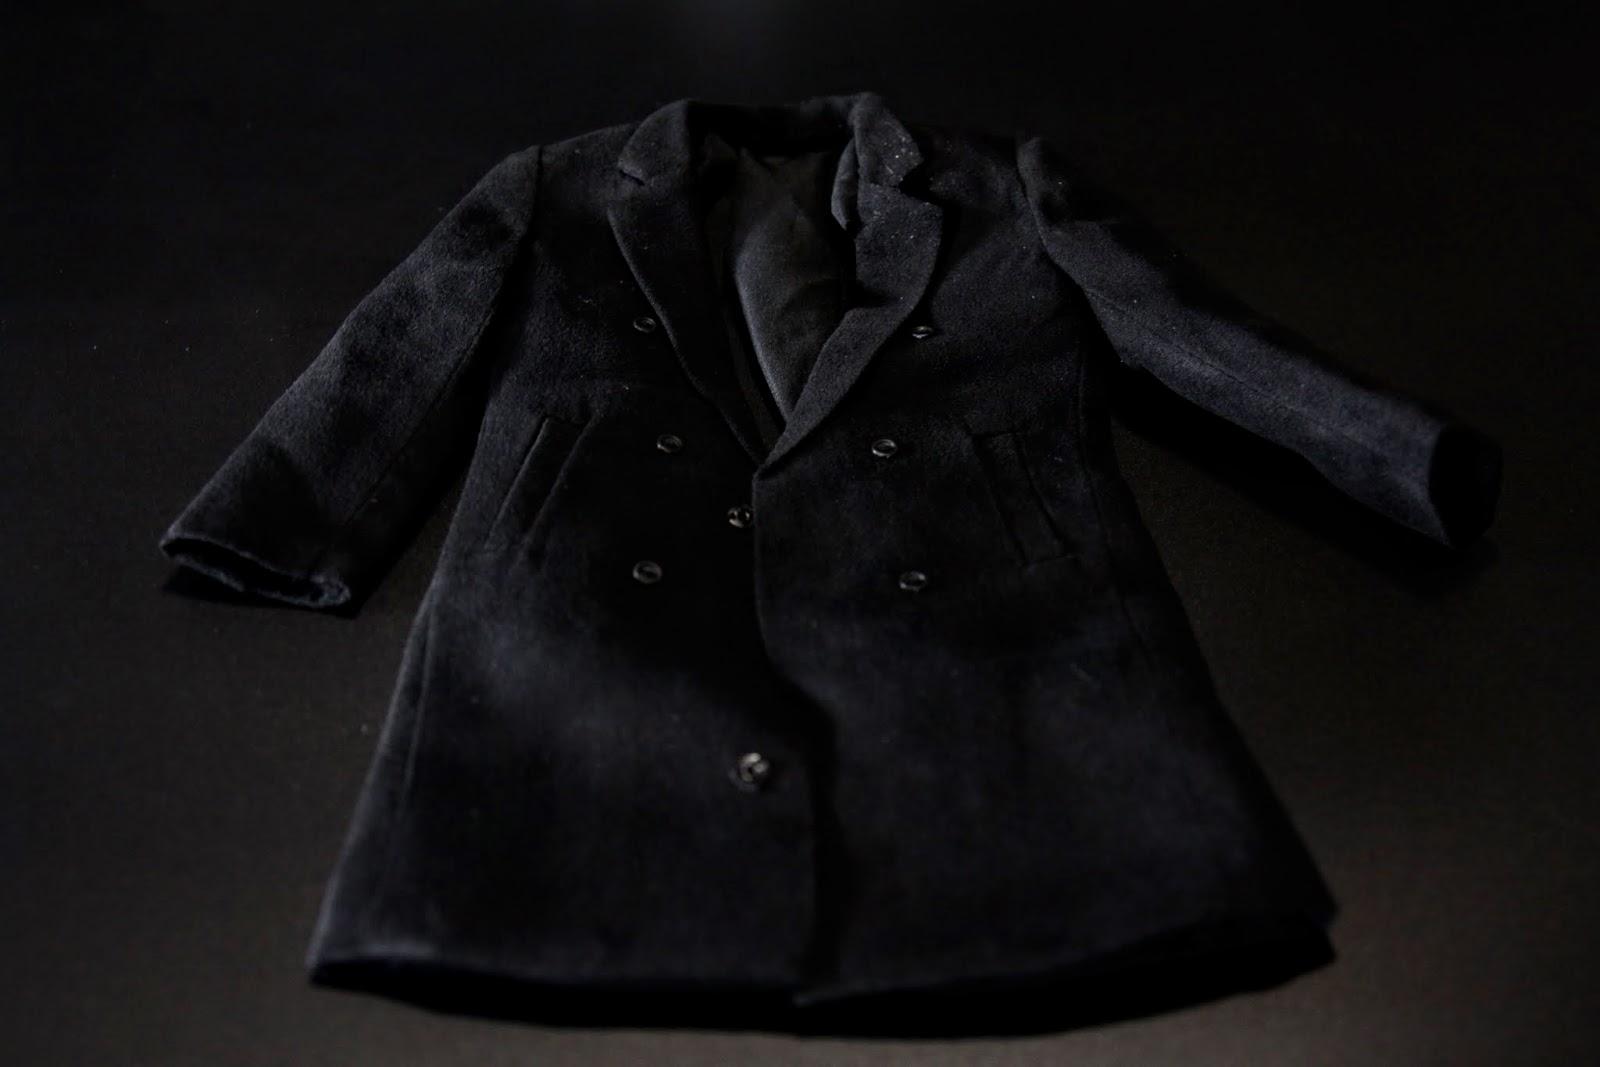 本組還有一件大衣